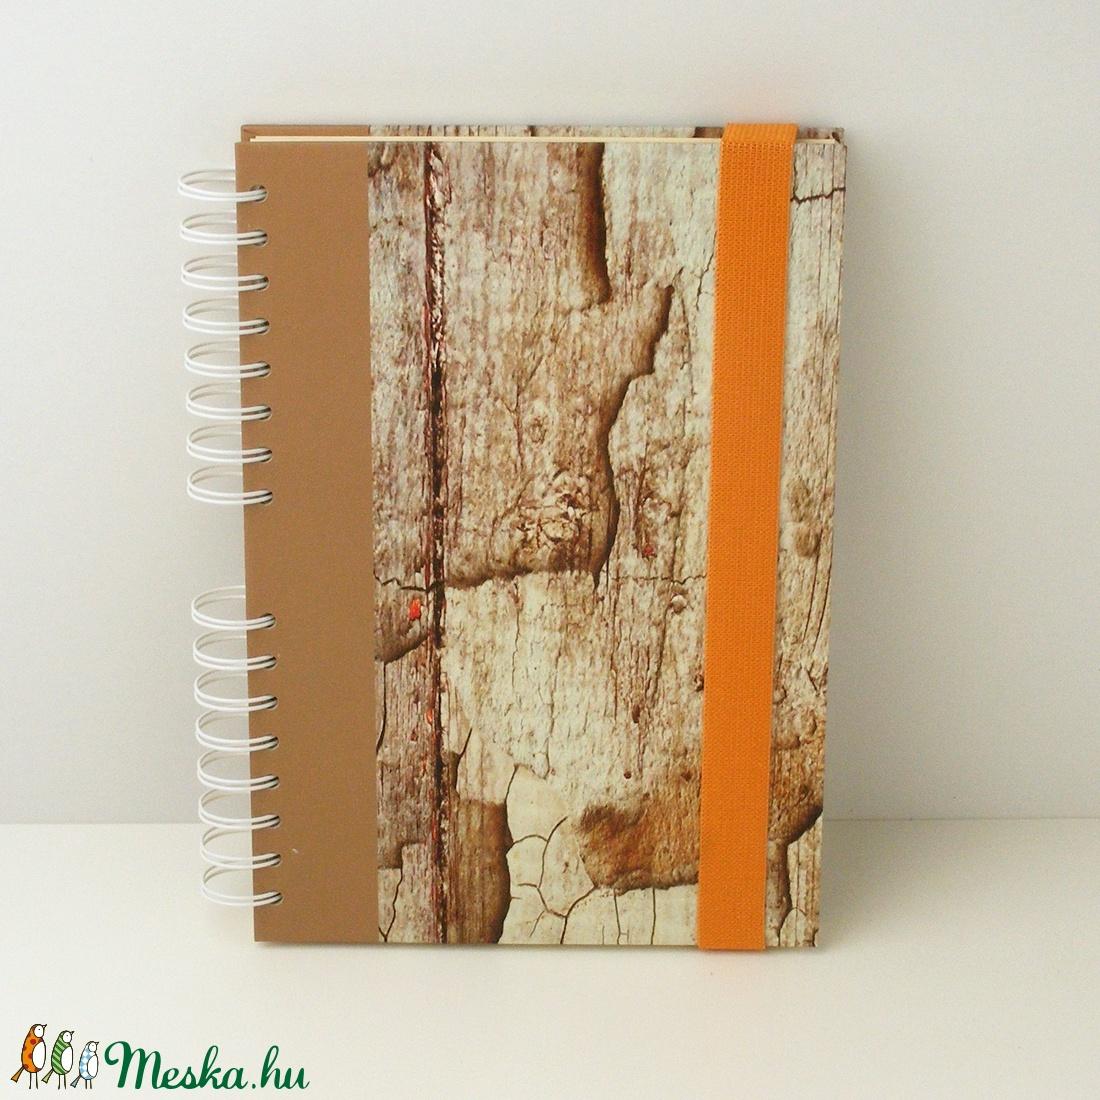 Spirálfüzet korhadt fát utánzó kemény borítóval, spirálozott, gumis jegyzetfüzet, notesz famintával, narancssárga gumis - otthon & lakás - papír írószer - jegyzetfüzet & napló - Meska.hu